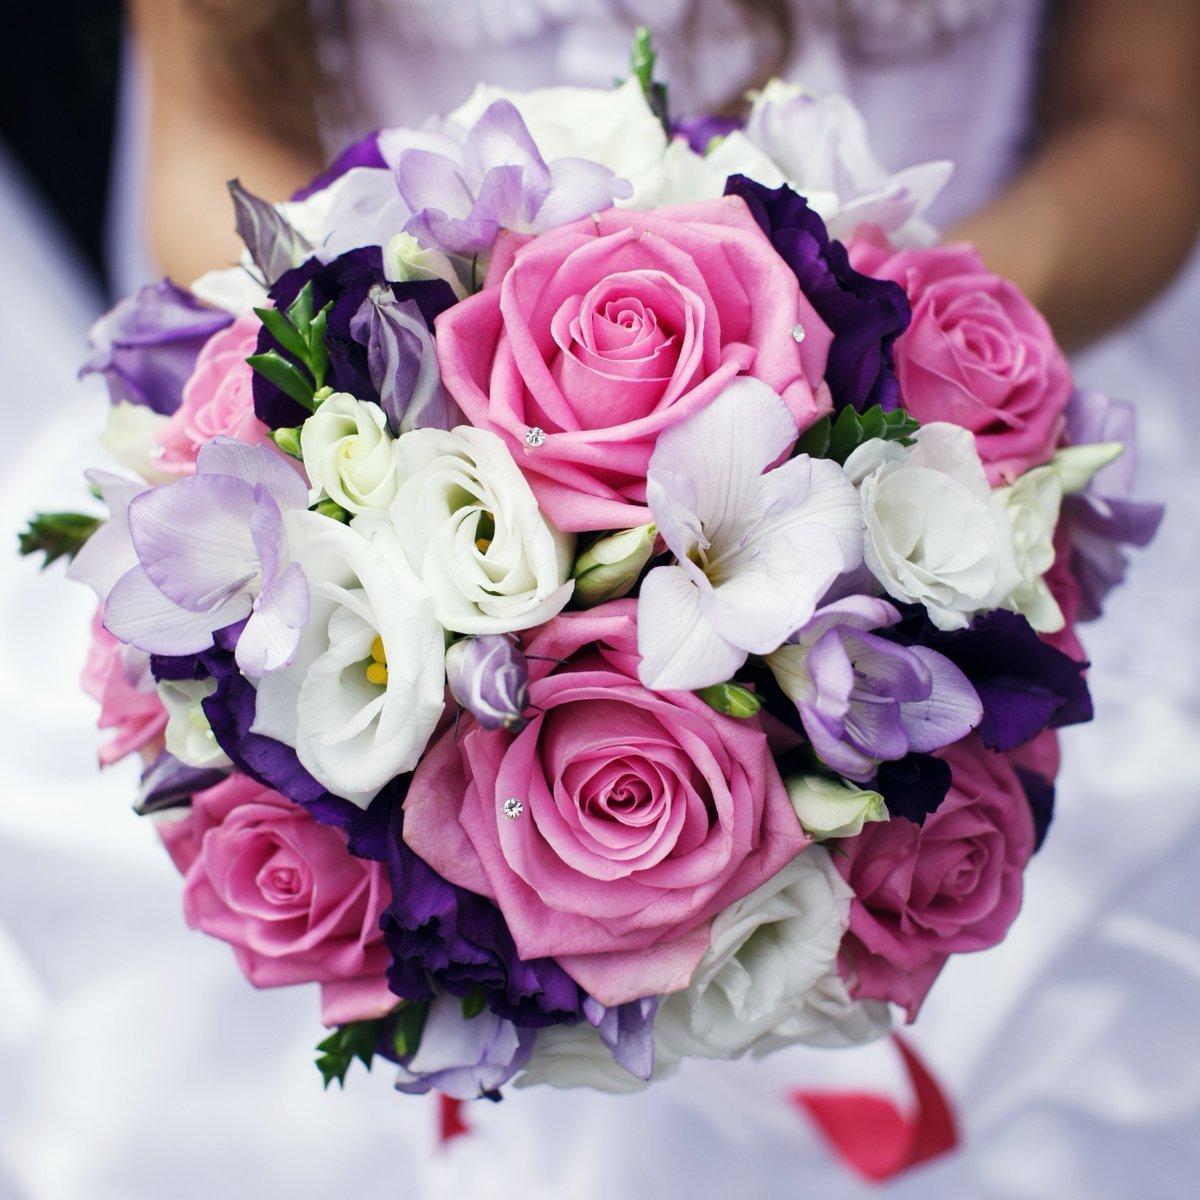 Купить минск, фиолетовые свадебные букеты спб купить